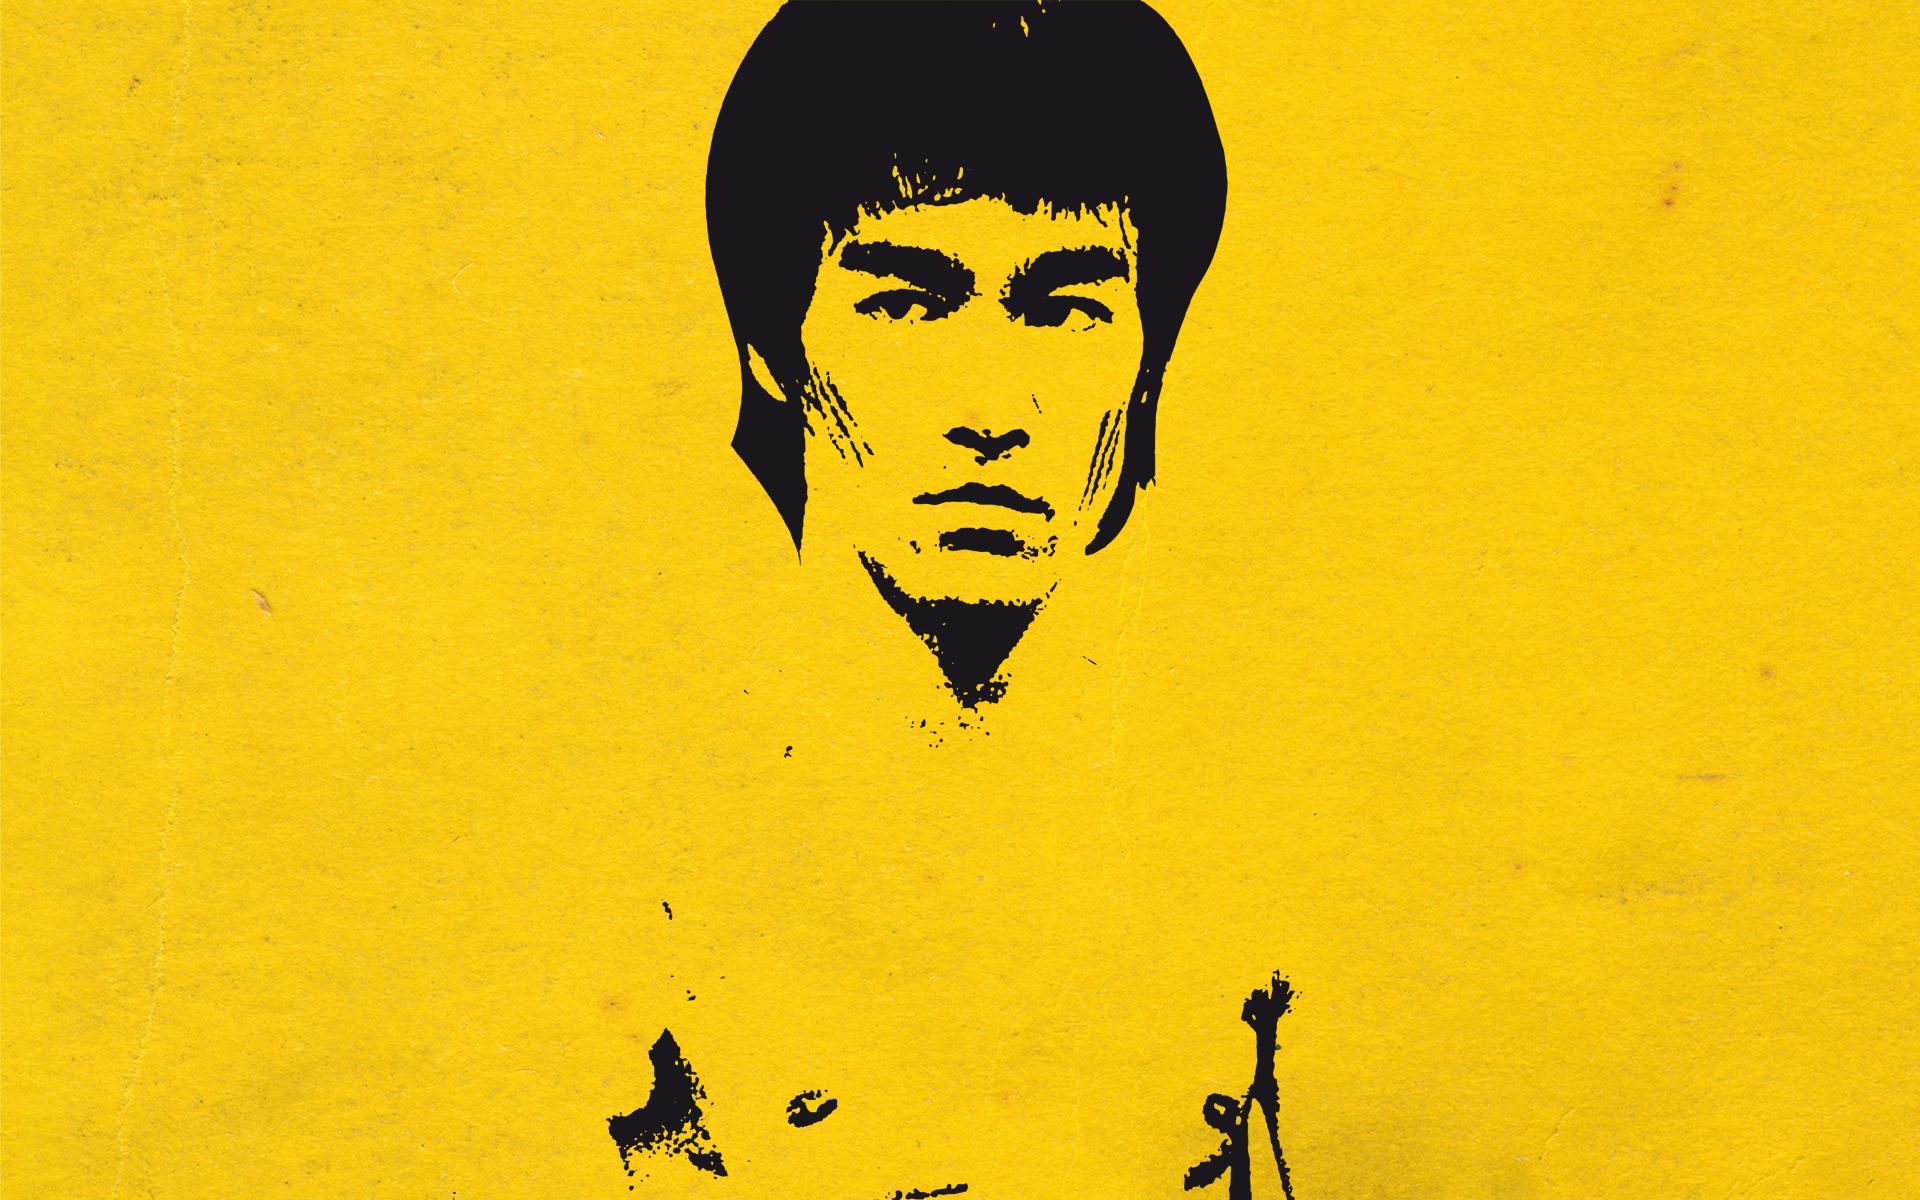 Bruce-Lee-Images.jpg